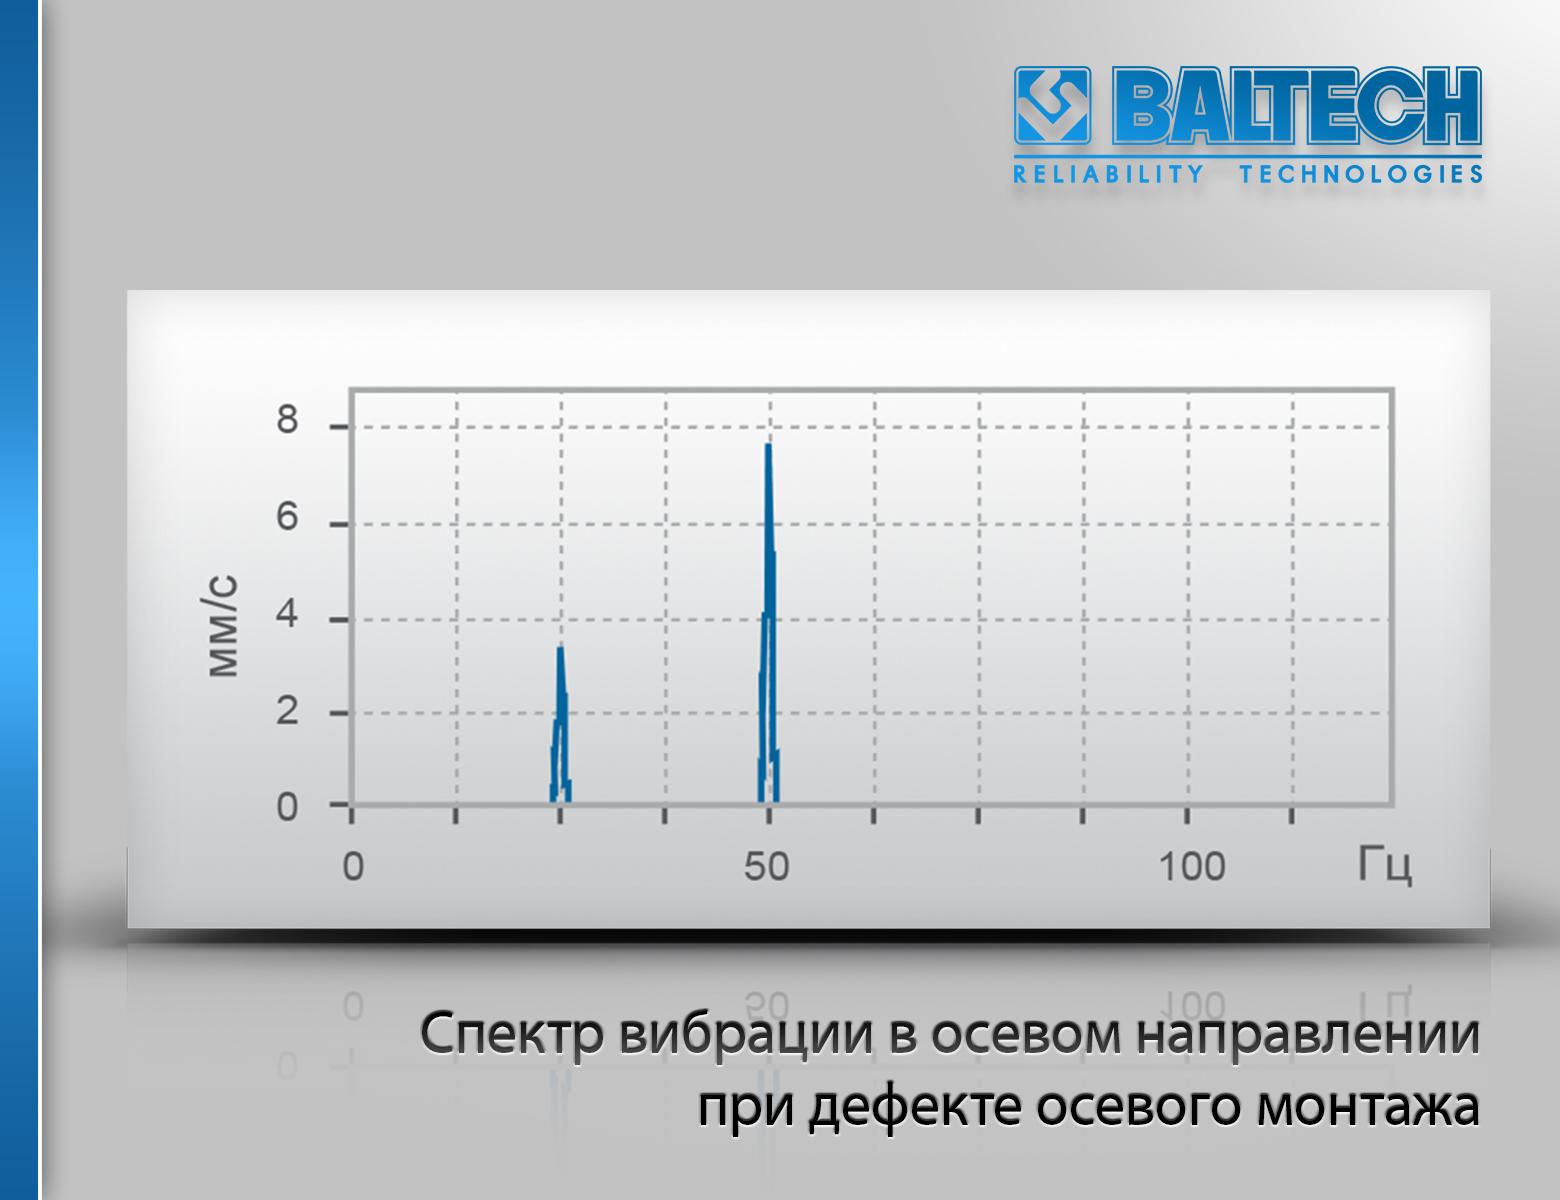 Дефекты электродвигателей, спектр вибрации в осевом направлении при дефекте осевого монтажа